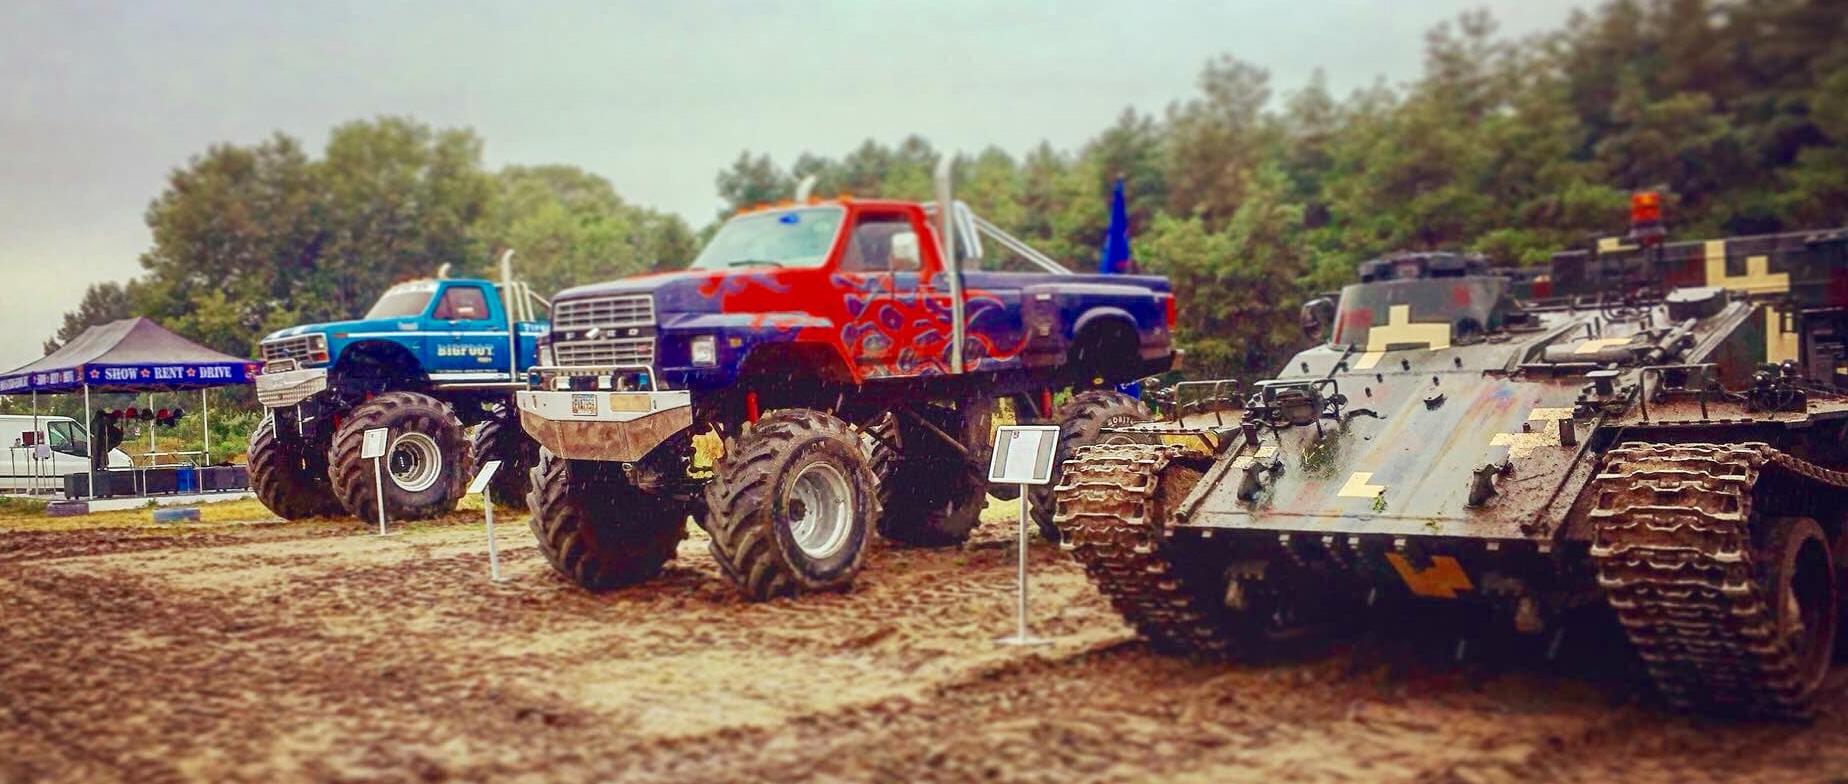 Monster Truck + VT55-ös Tank élményvezetés ajándékutalvány